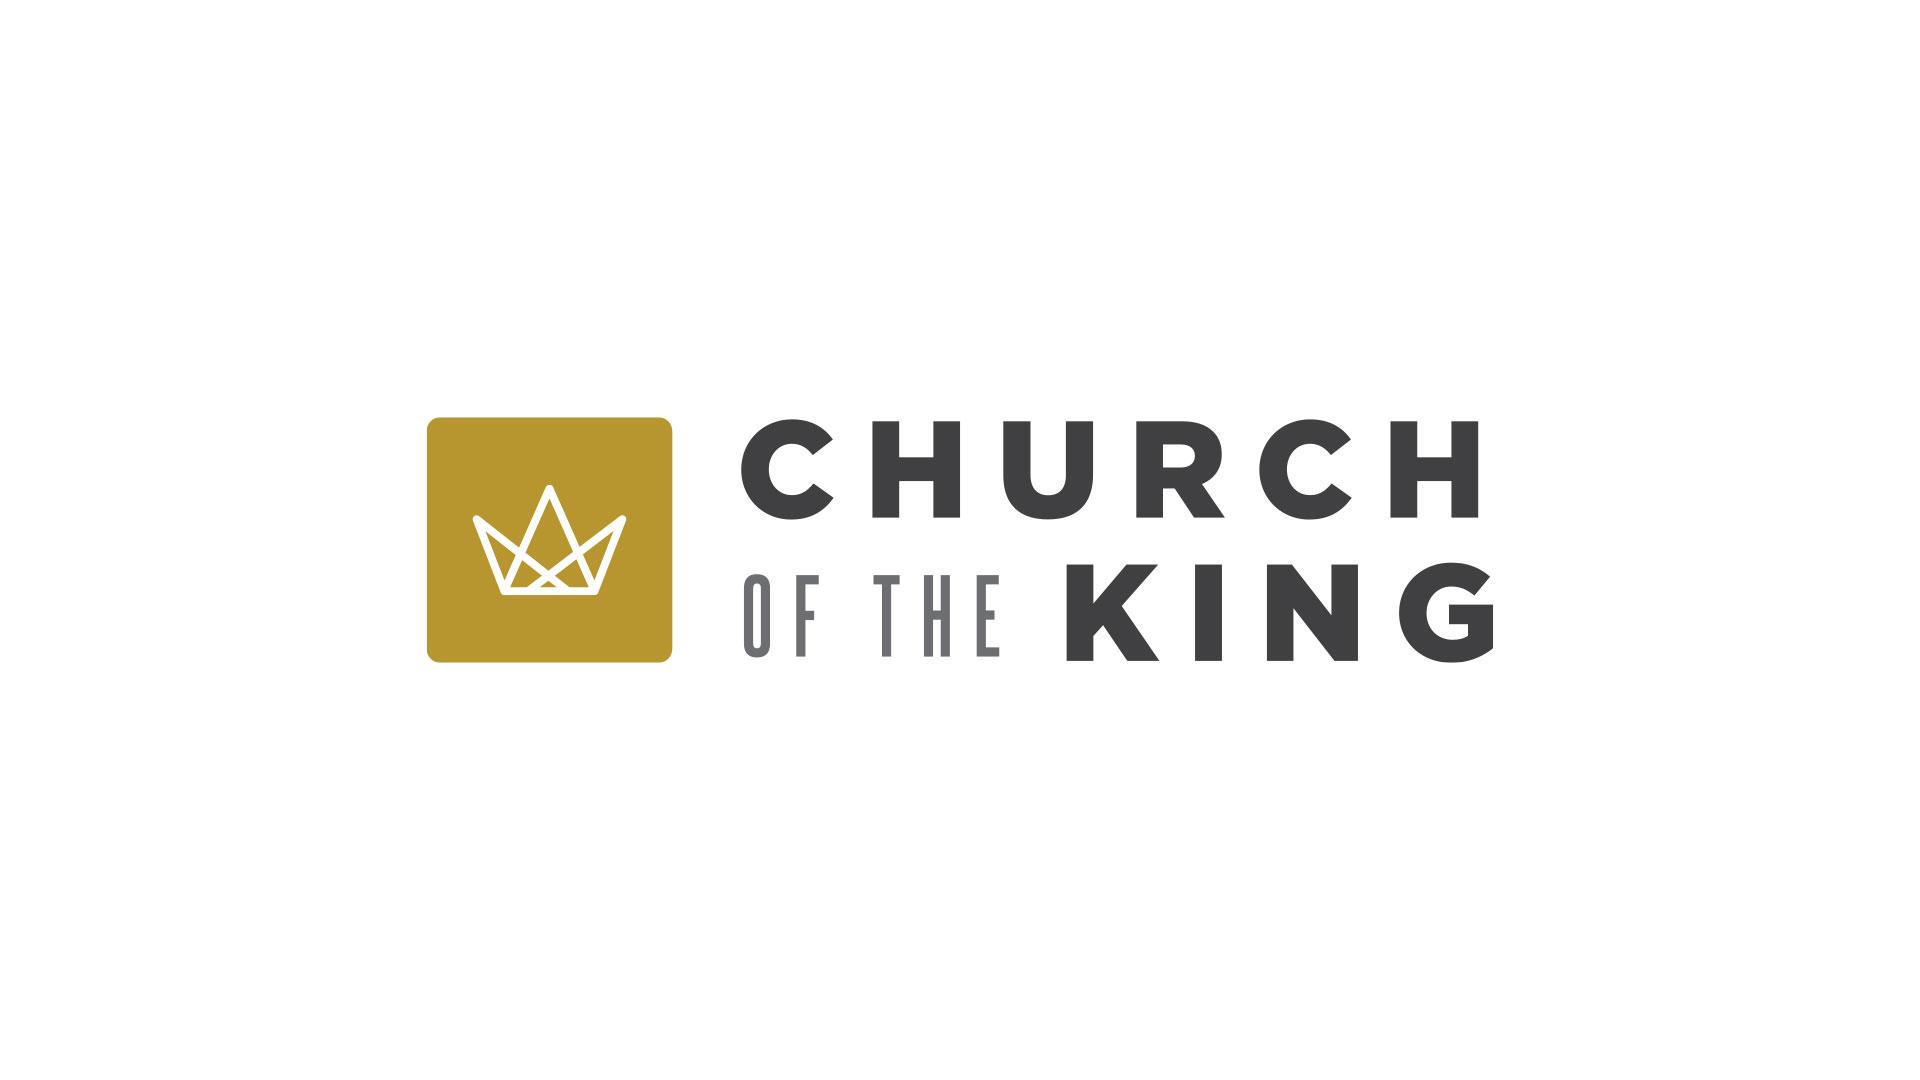 Church of the King | Shane Harris